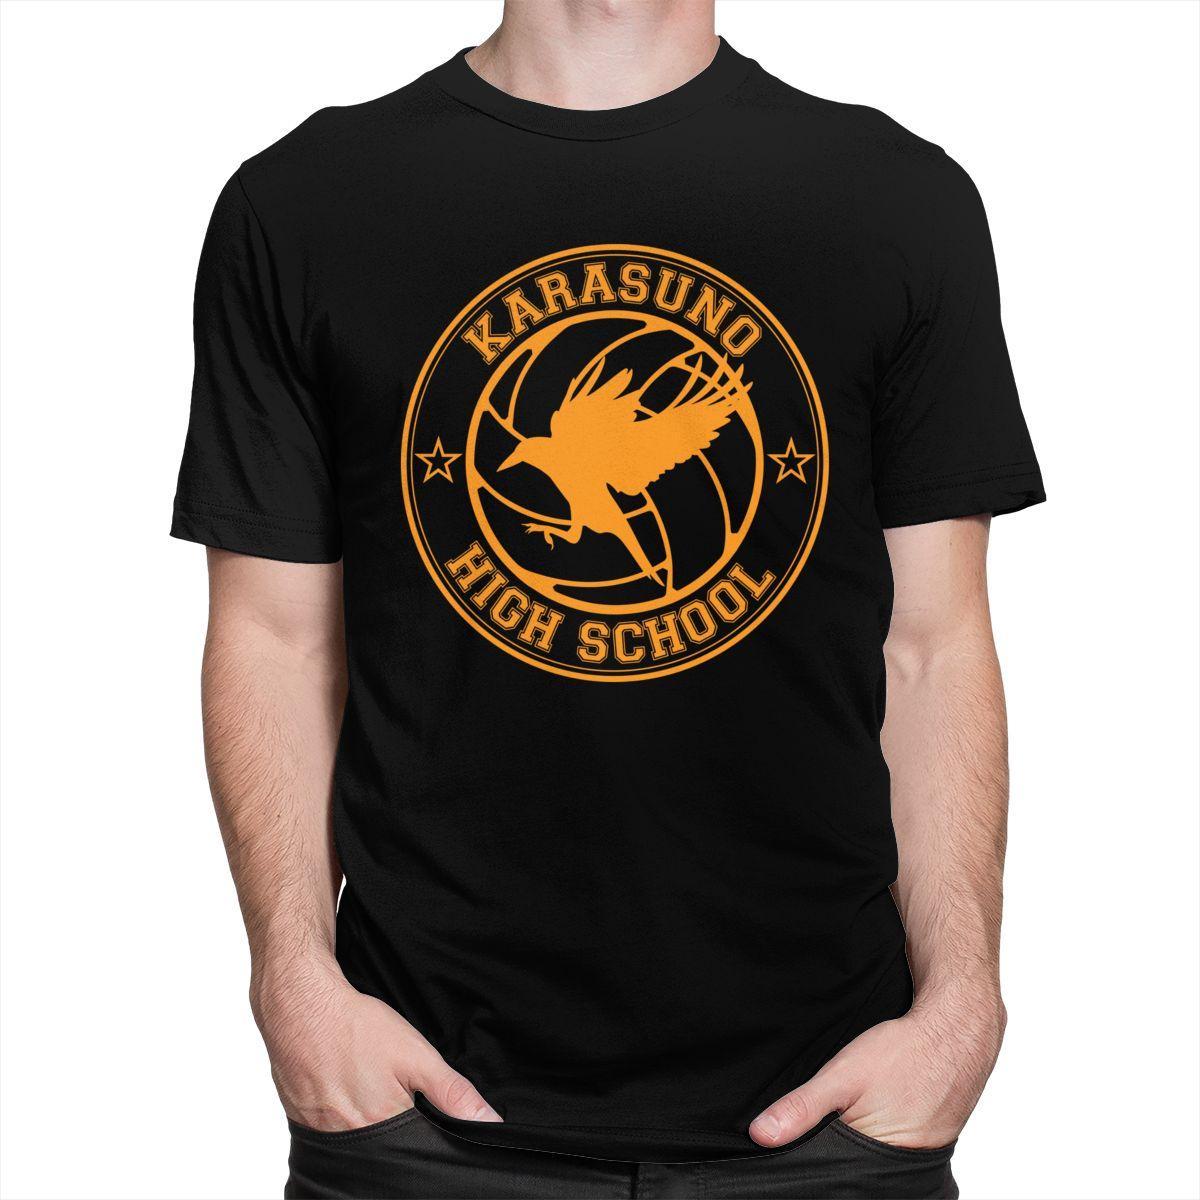 Мужской мода Karasuno High School T Shirt Mens короткие рукава Crewneck хлопок футболка отдых Haikyuu бокуто Oya Аниме Tee Tops